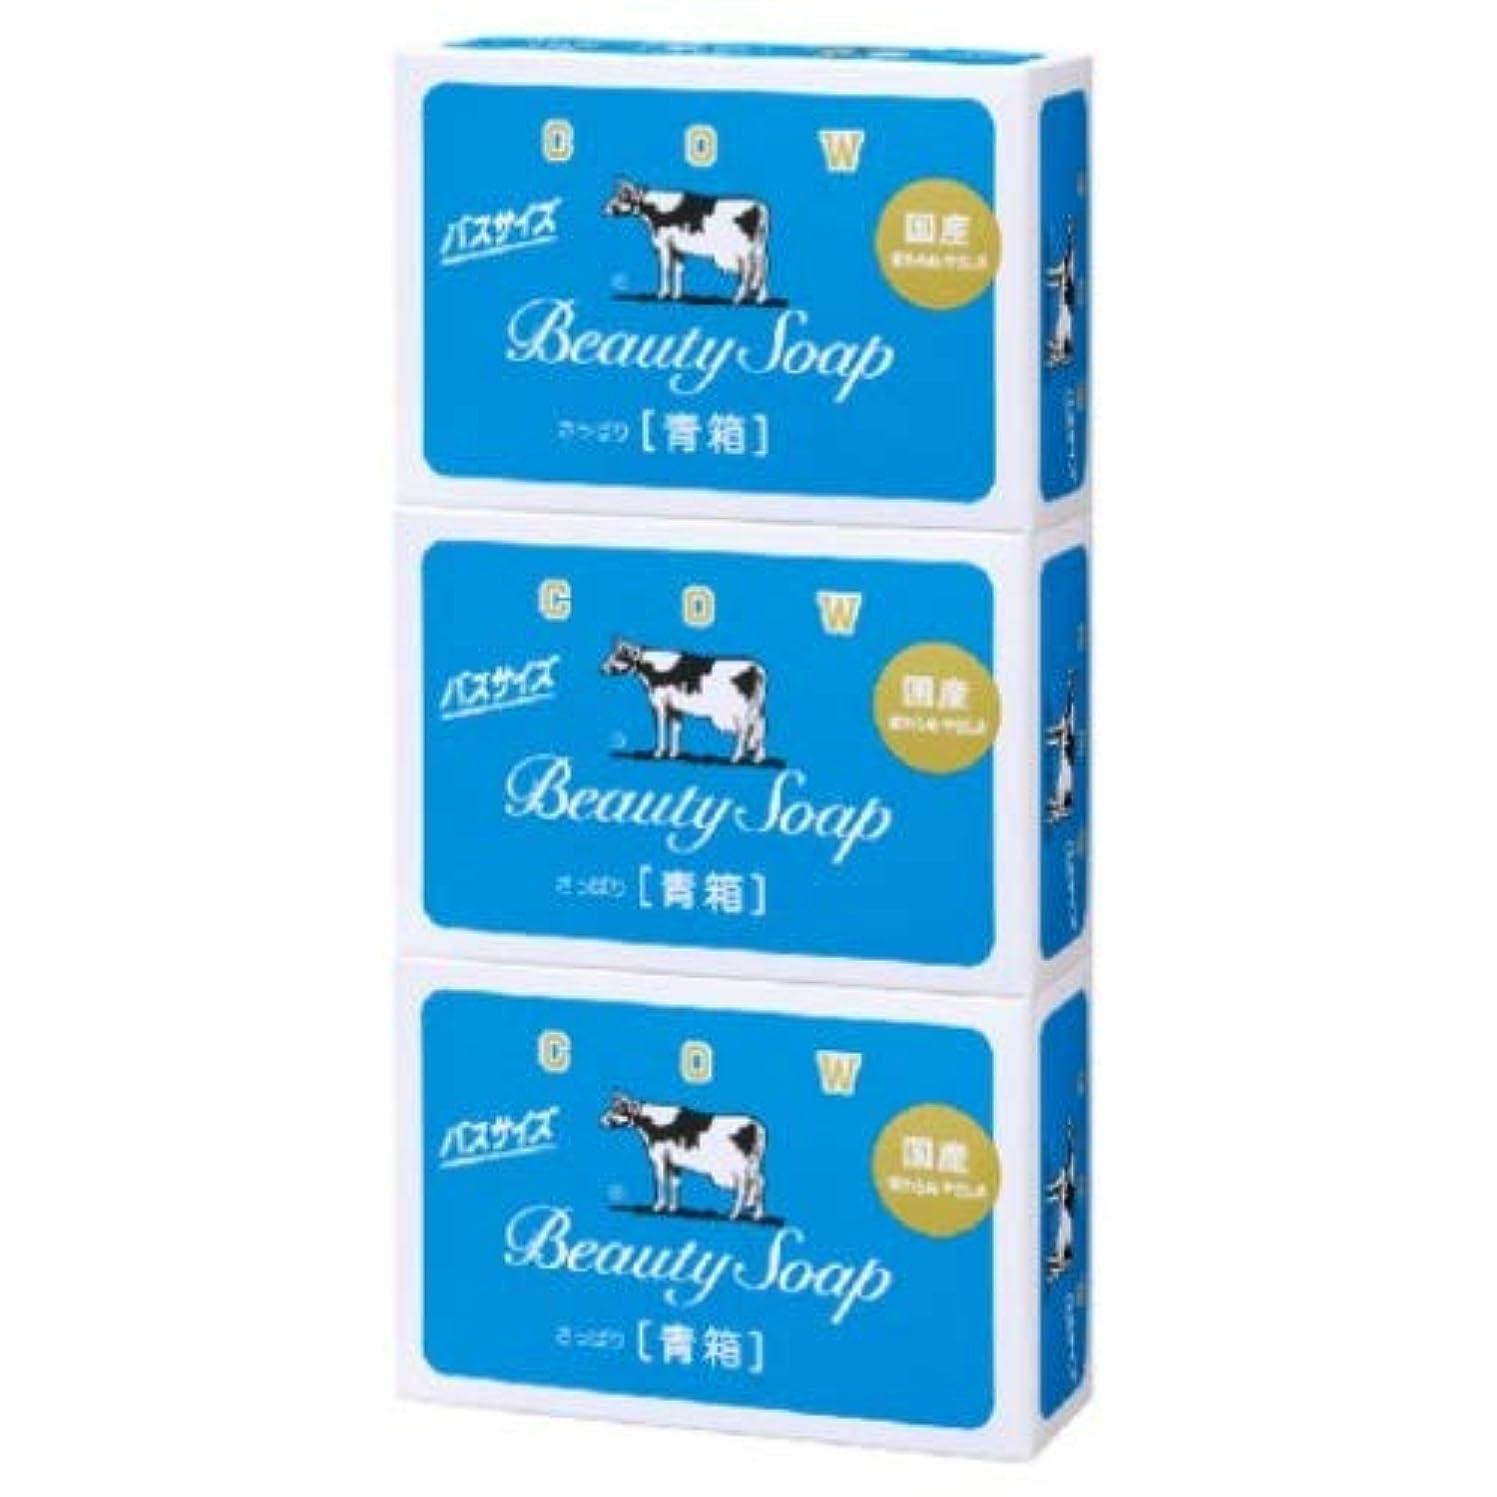 郵便屋さんスナッチ勤勉な牛乳石鹸 カウブランド 青箱 バスサイズ 3コパック